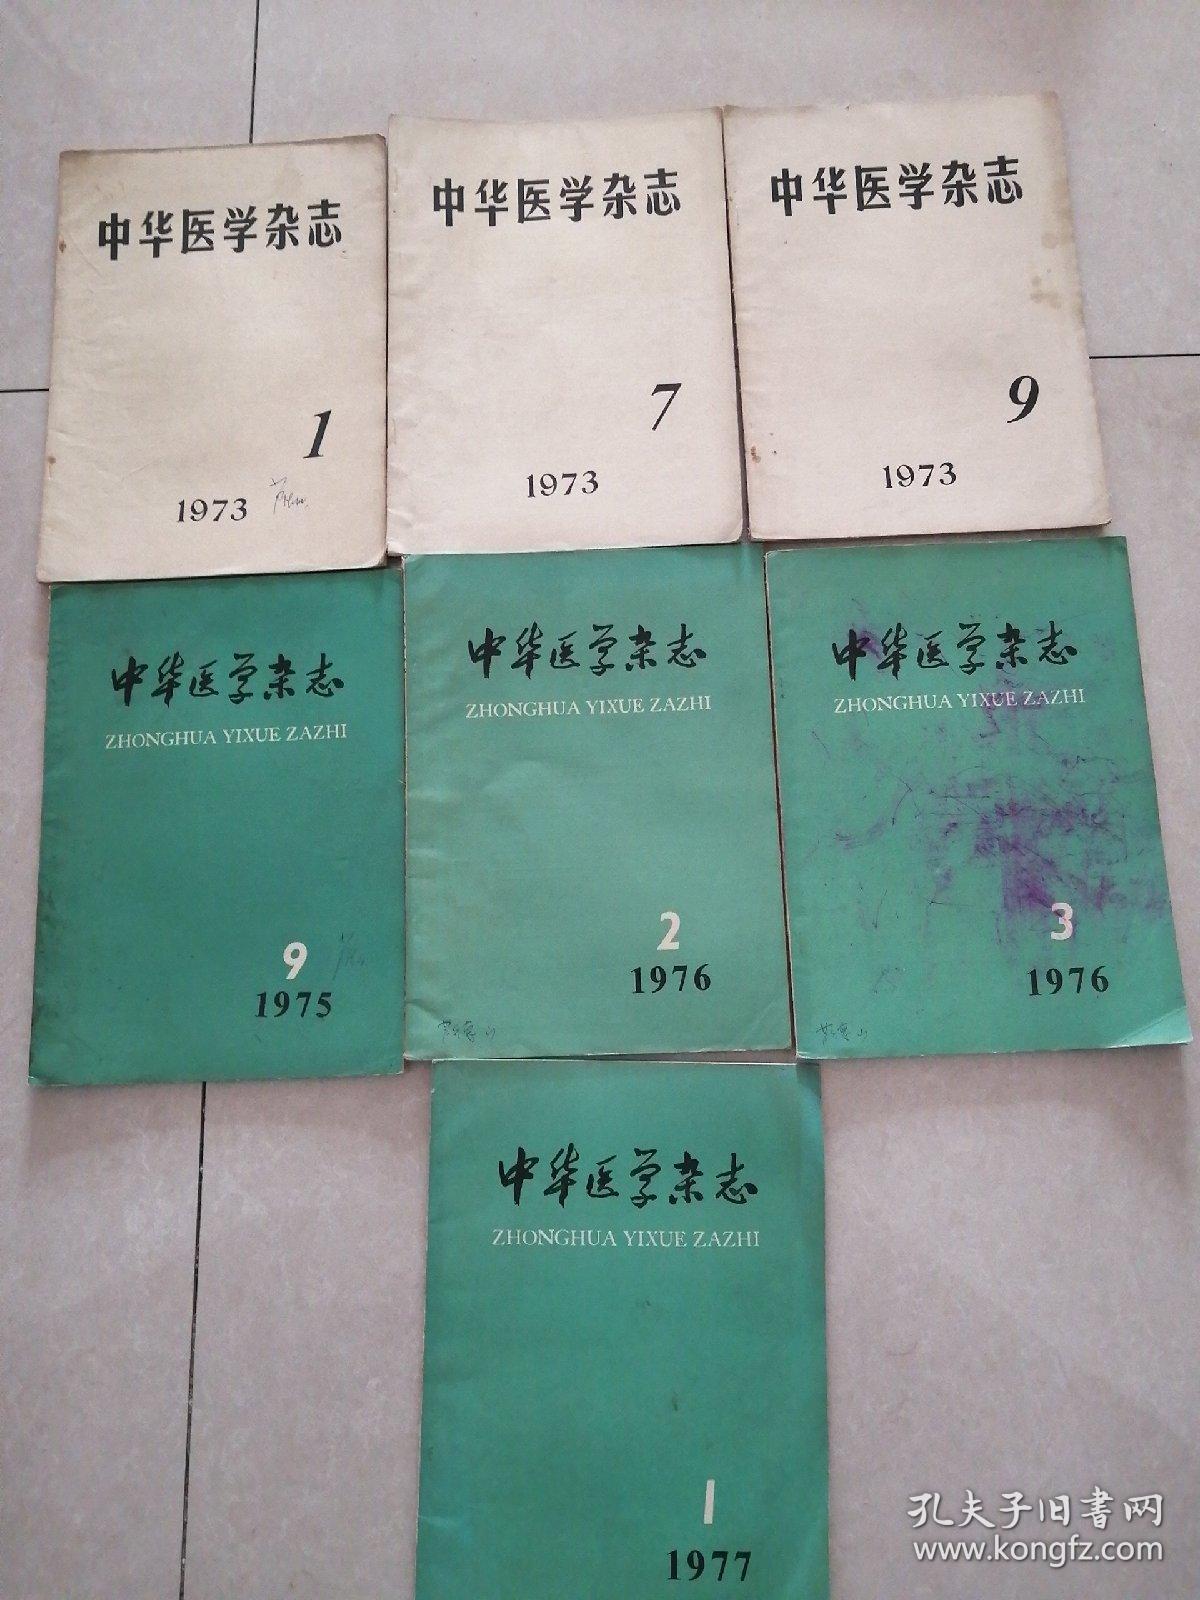 中华医学杂志1973年1期,7期,9期,1975年9期,1976年2期,3期,1977年1期。合售